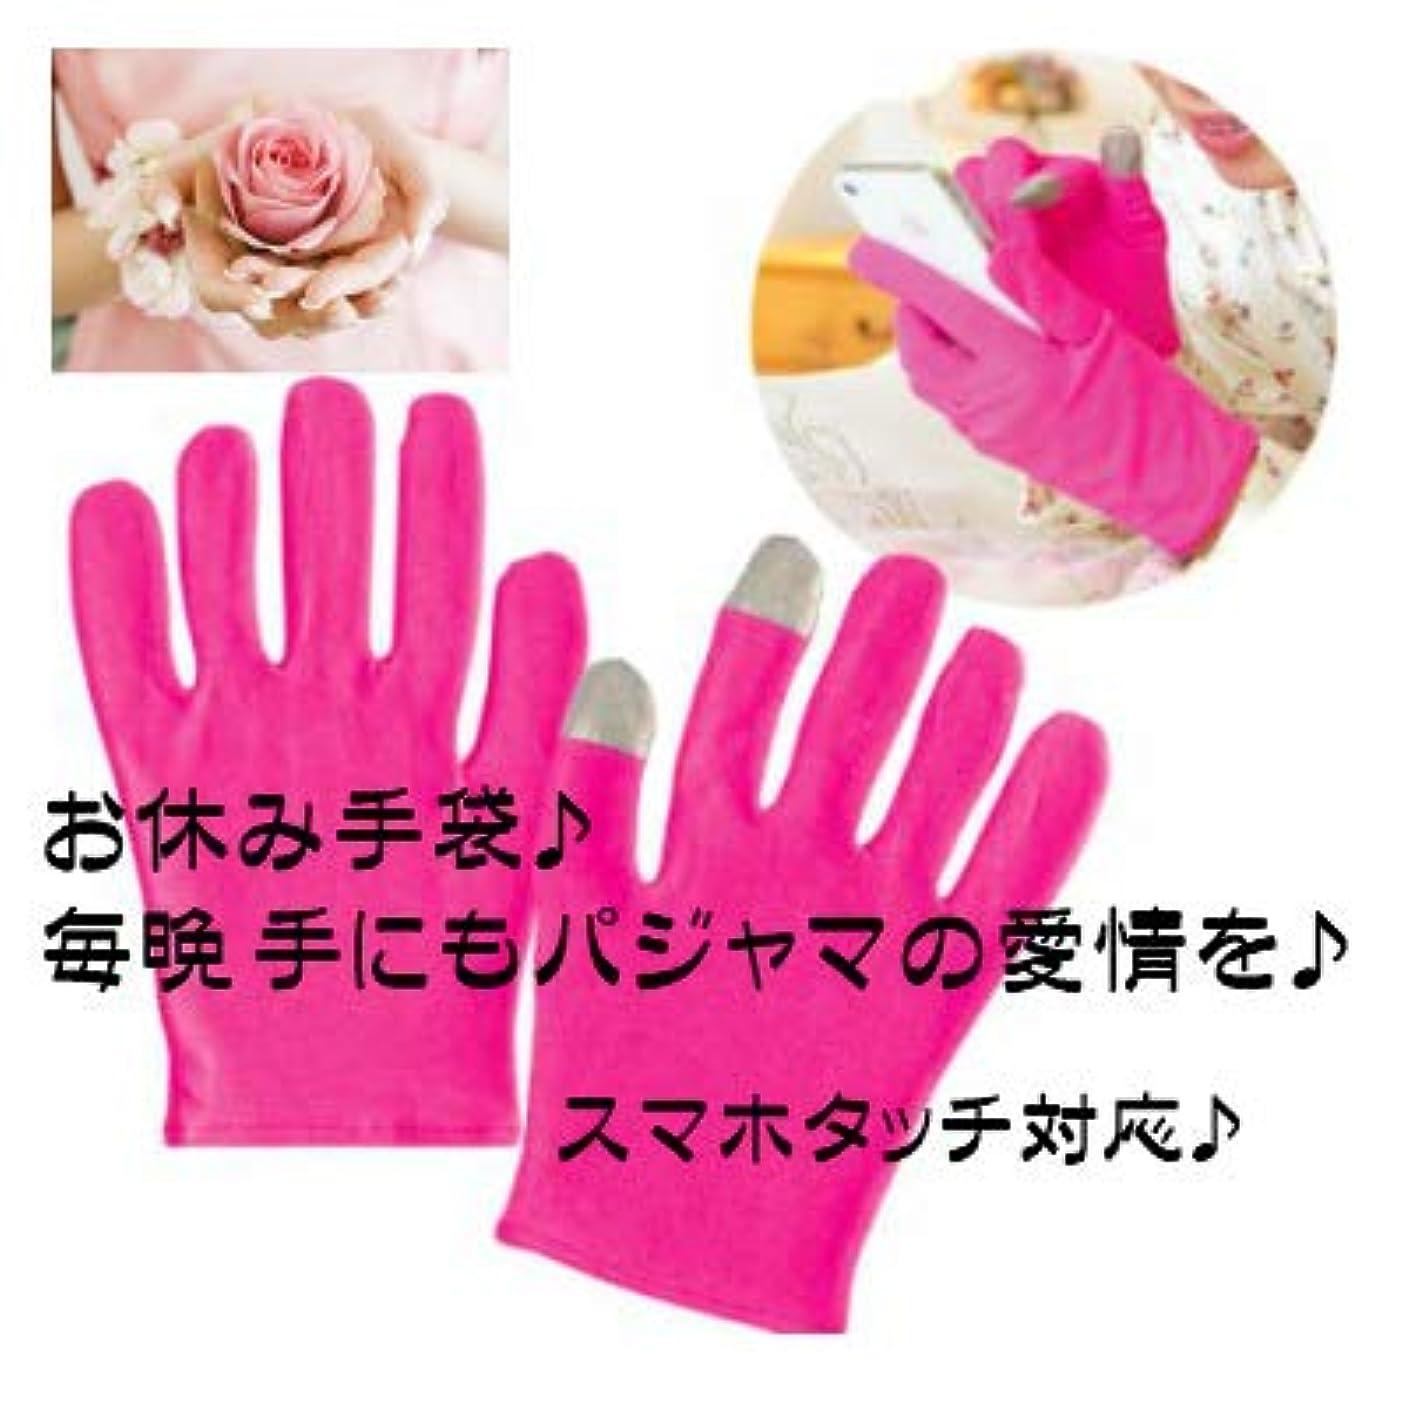 継続中記述するレンド美容ハンドケア手袋 就寝手袋 スマホタッチ対応 おやすみ手袋保湿手袋